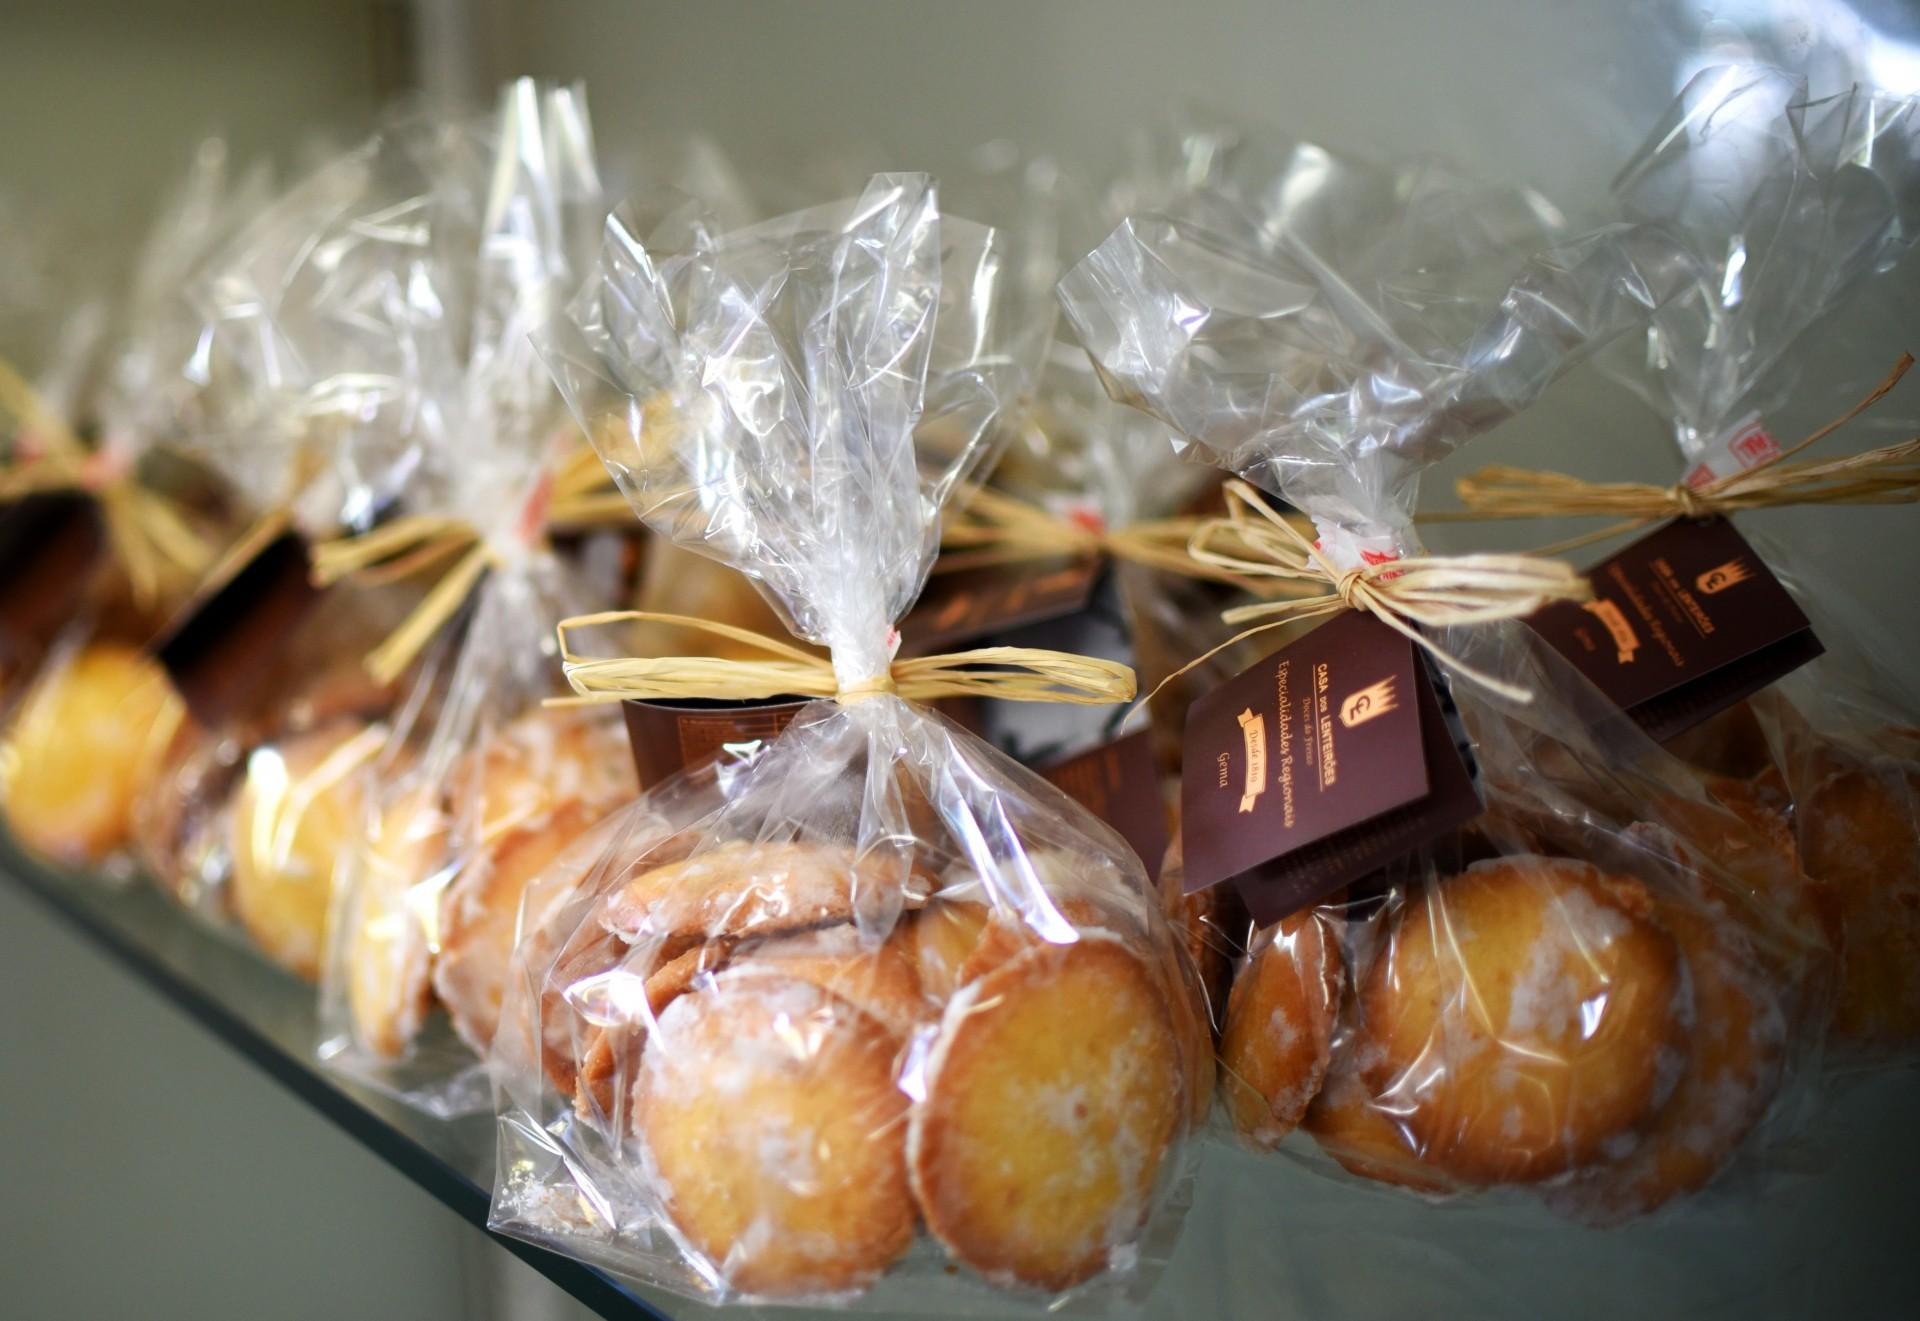 Biscoitos de Gema 190g   Doces do Freixo - Casa dos Lenteirões